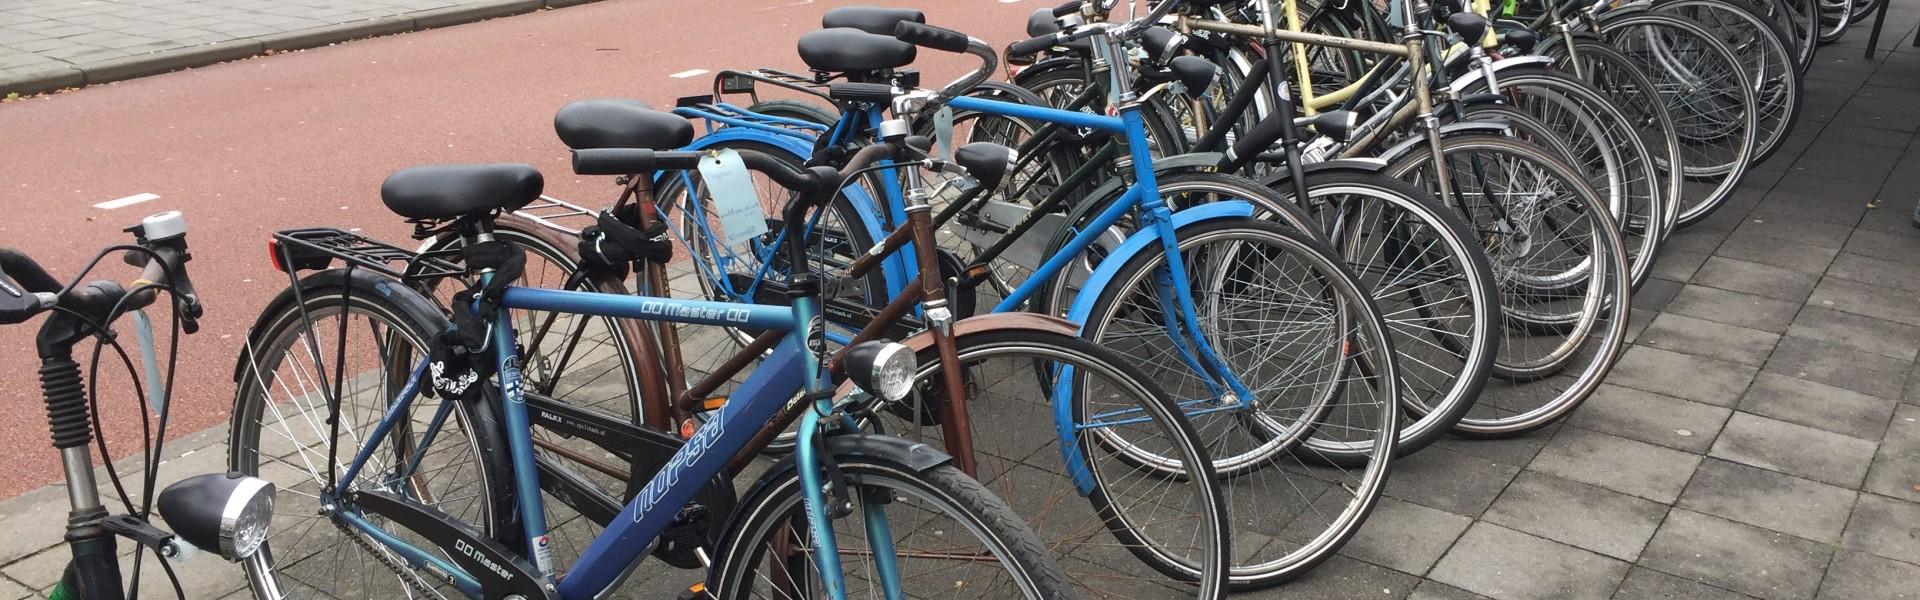 Fietspunt_fietsen